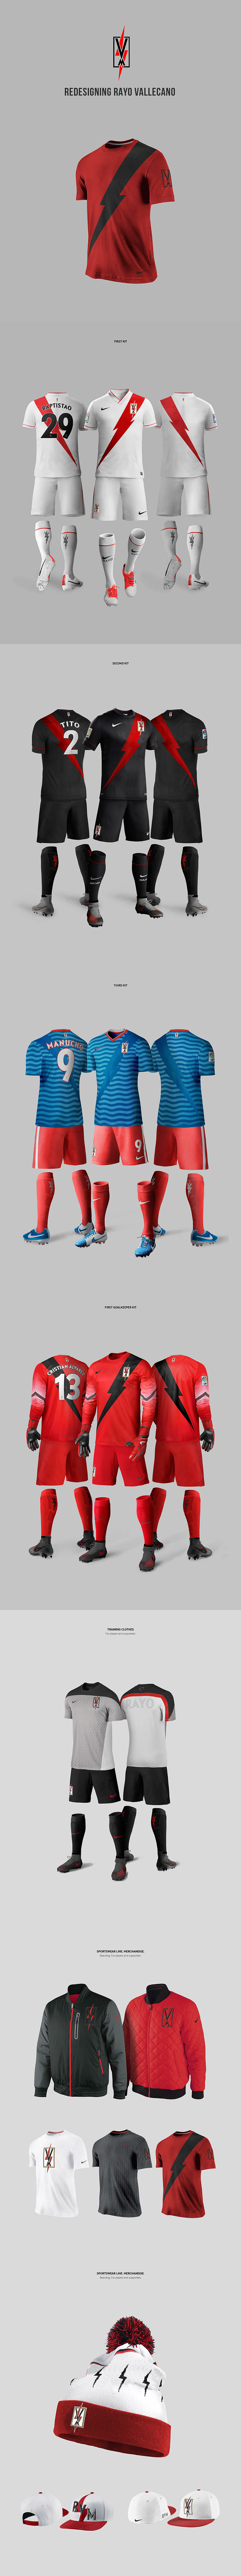 Diseños de la marca del club de fútbol: Rayo Vallecano Rebranding por Nerea Palacios